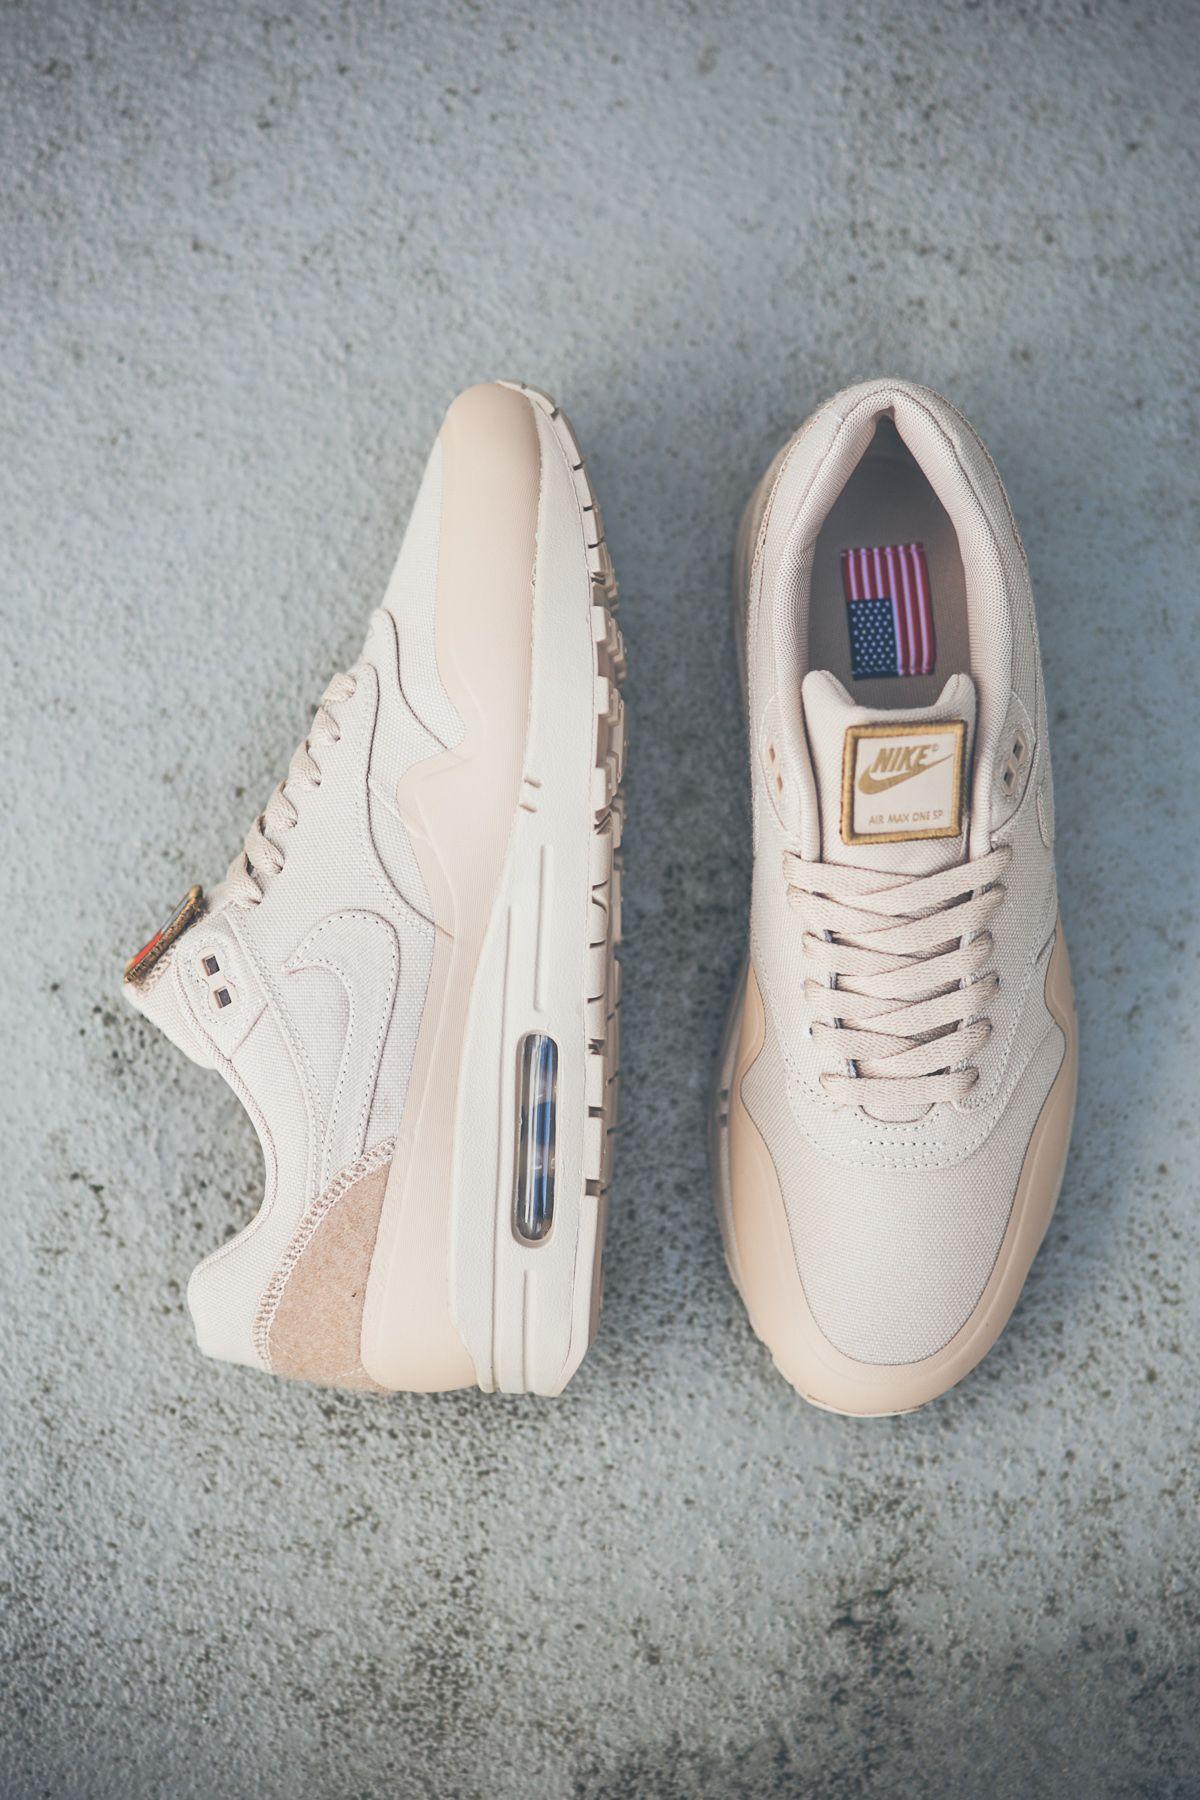 sale retailer e200c 4edd0 Nike Air Max 1 SP